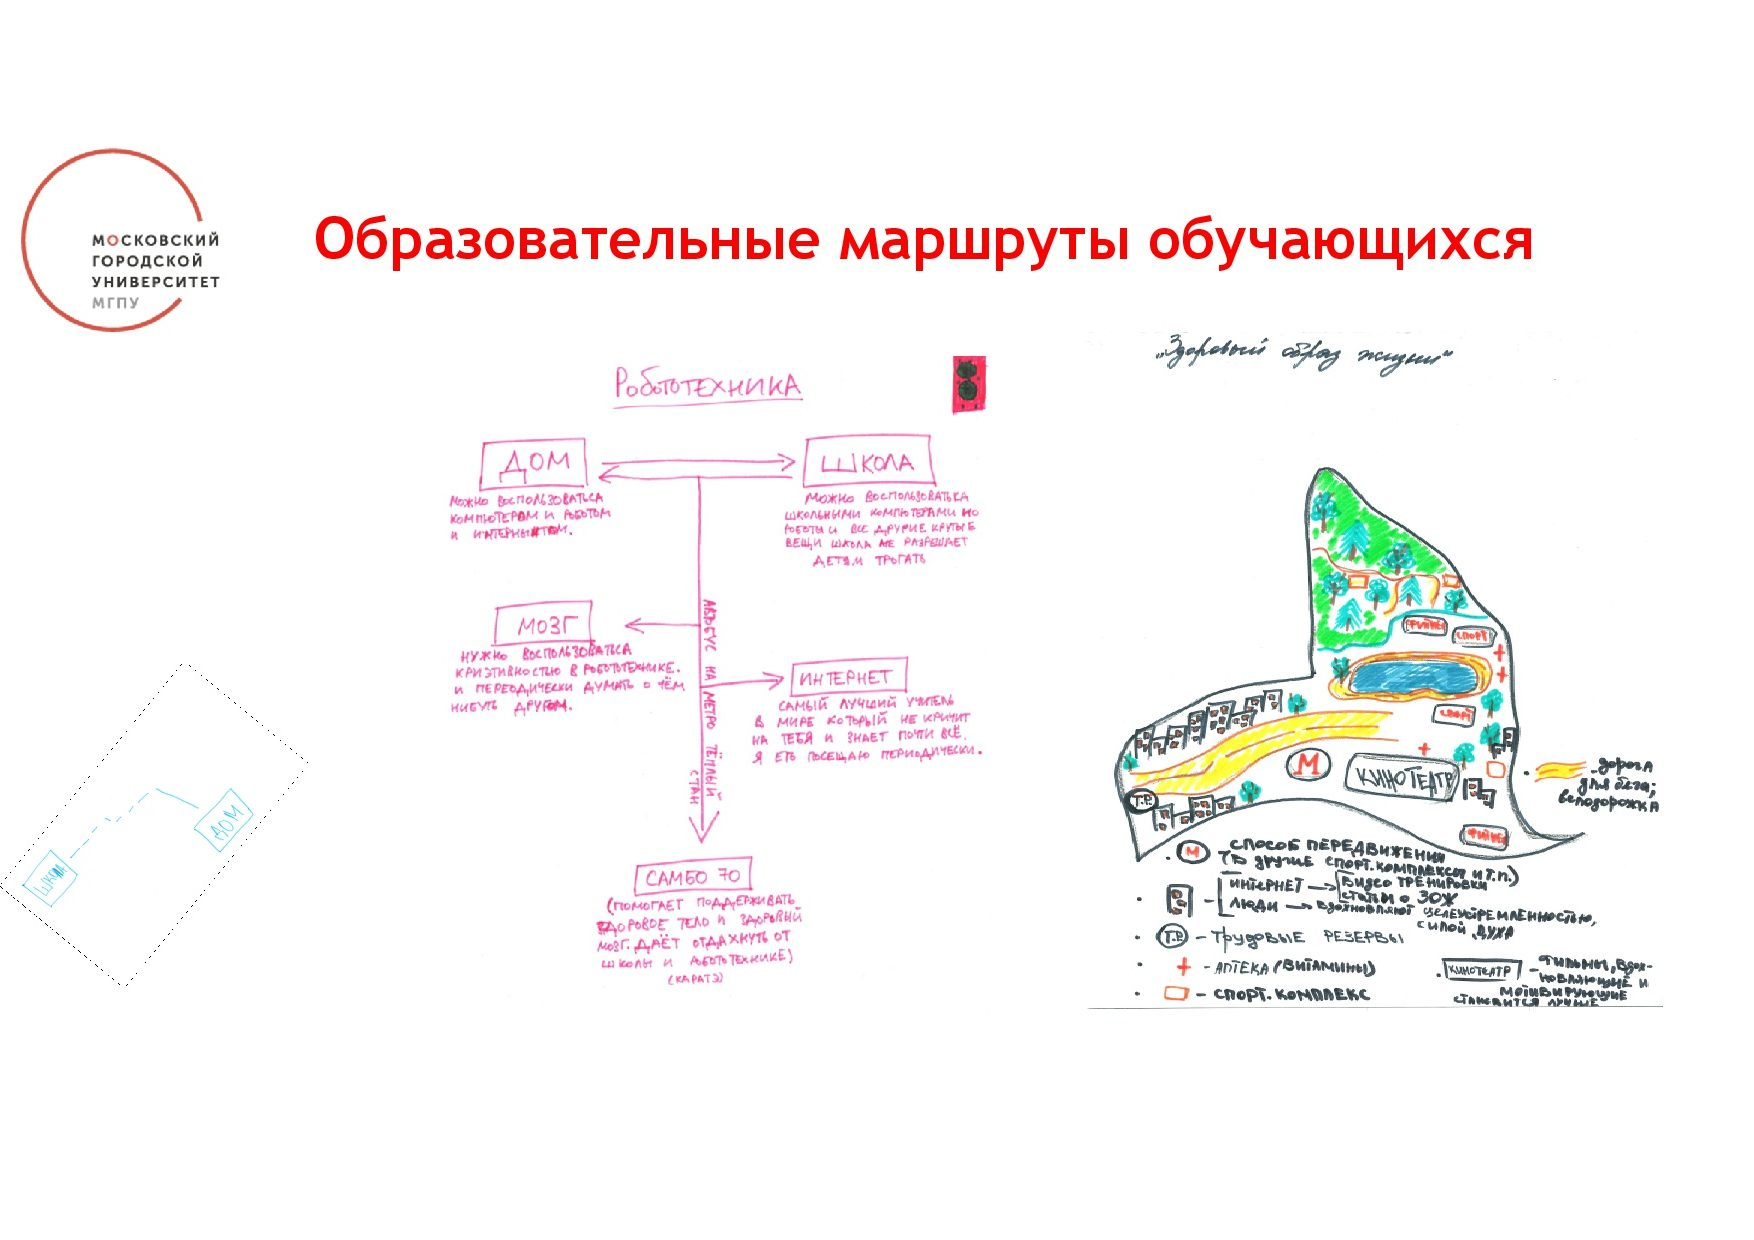 Презентация на МГК -Иванова ЕВ-027